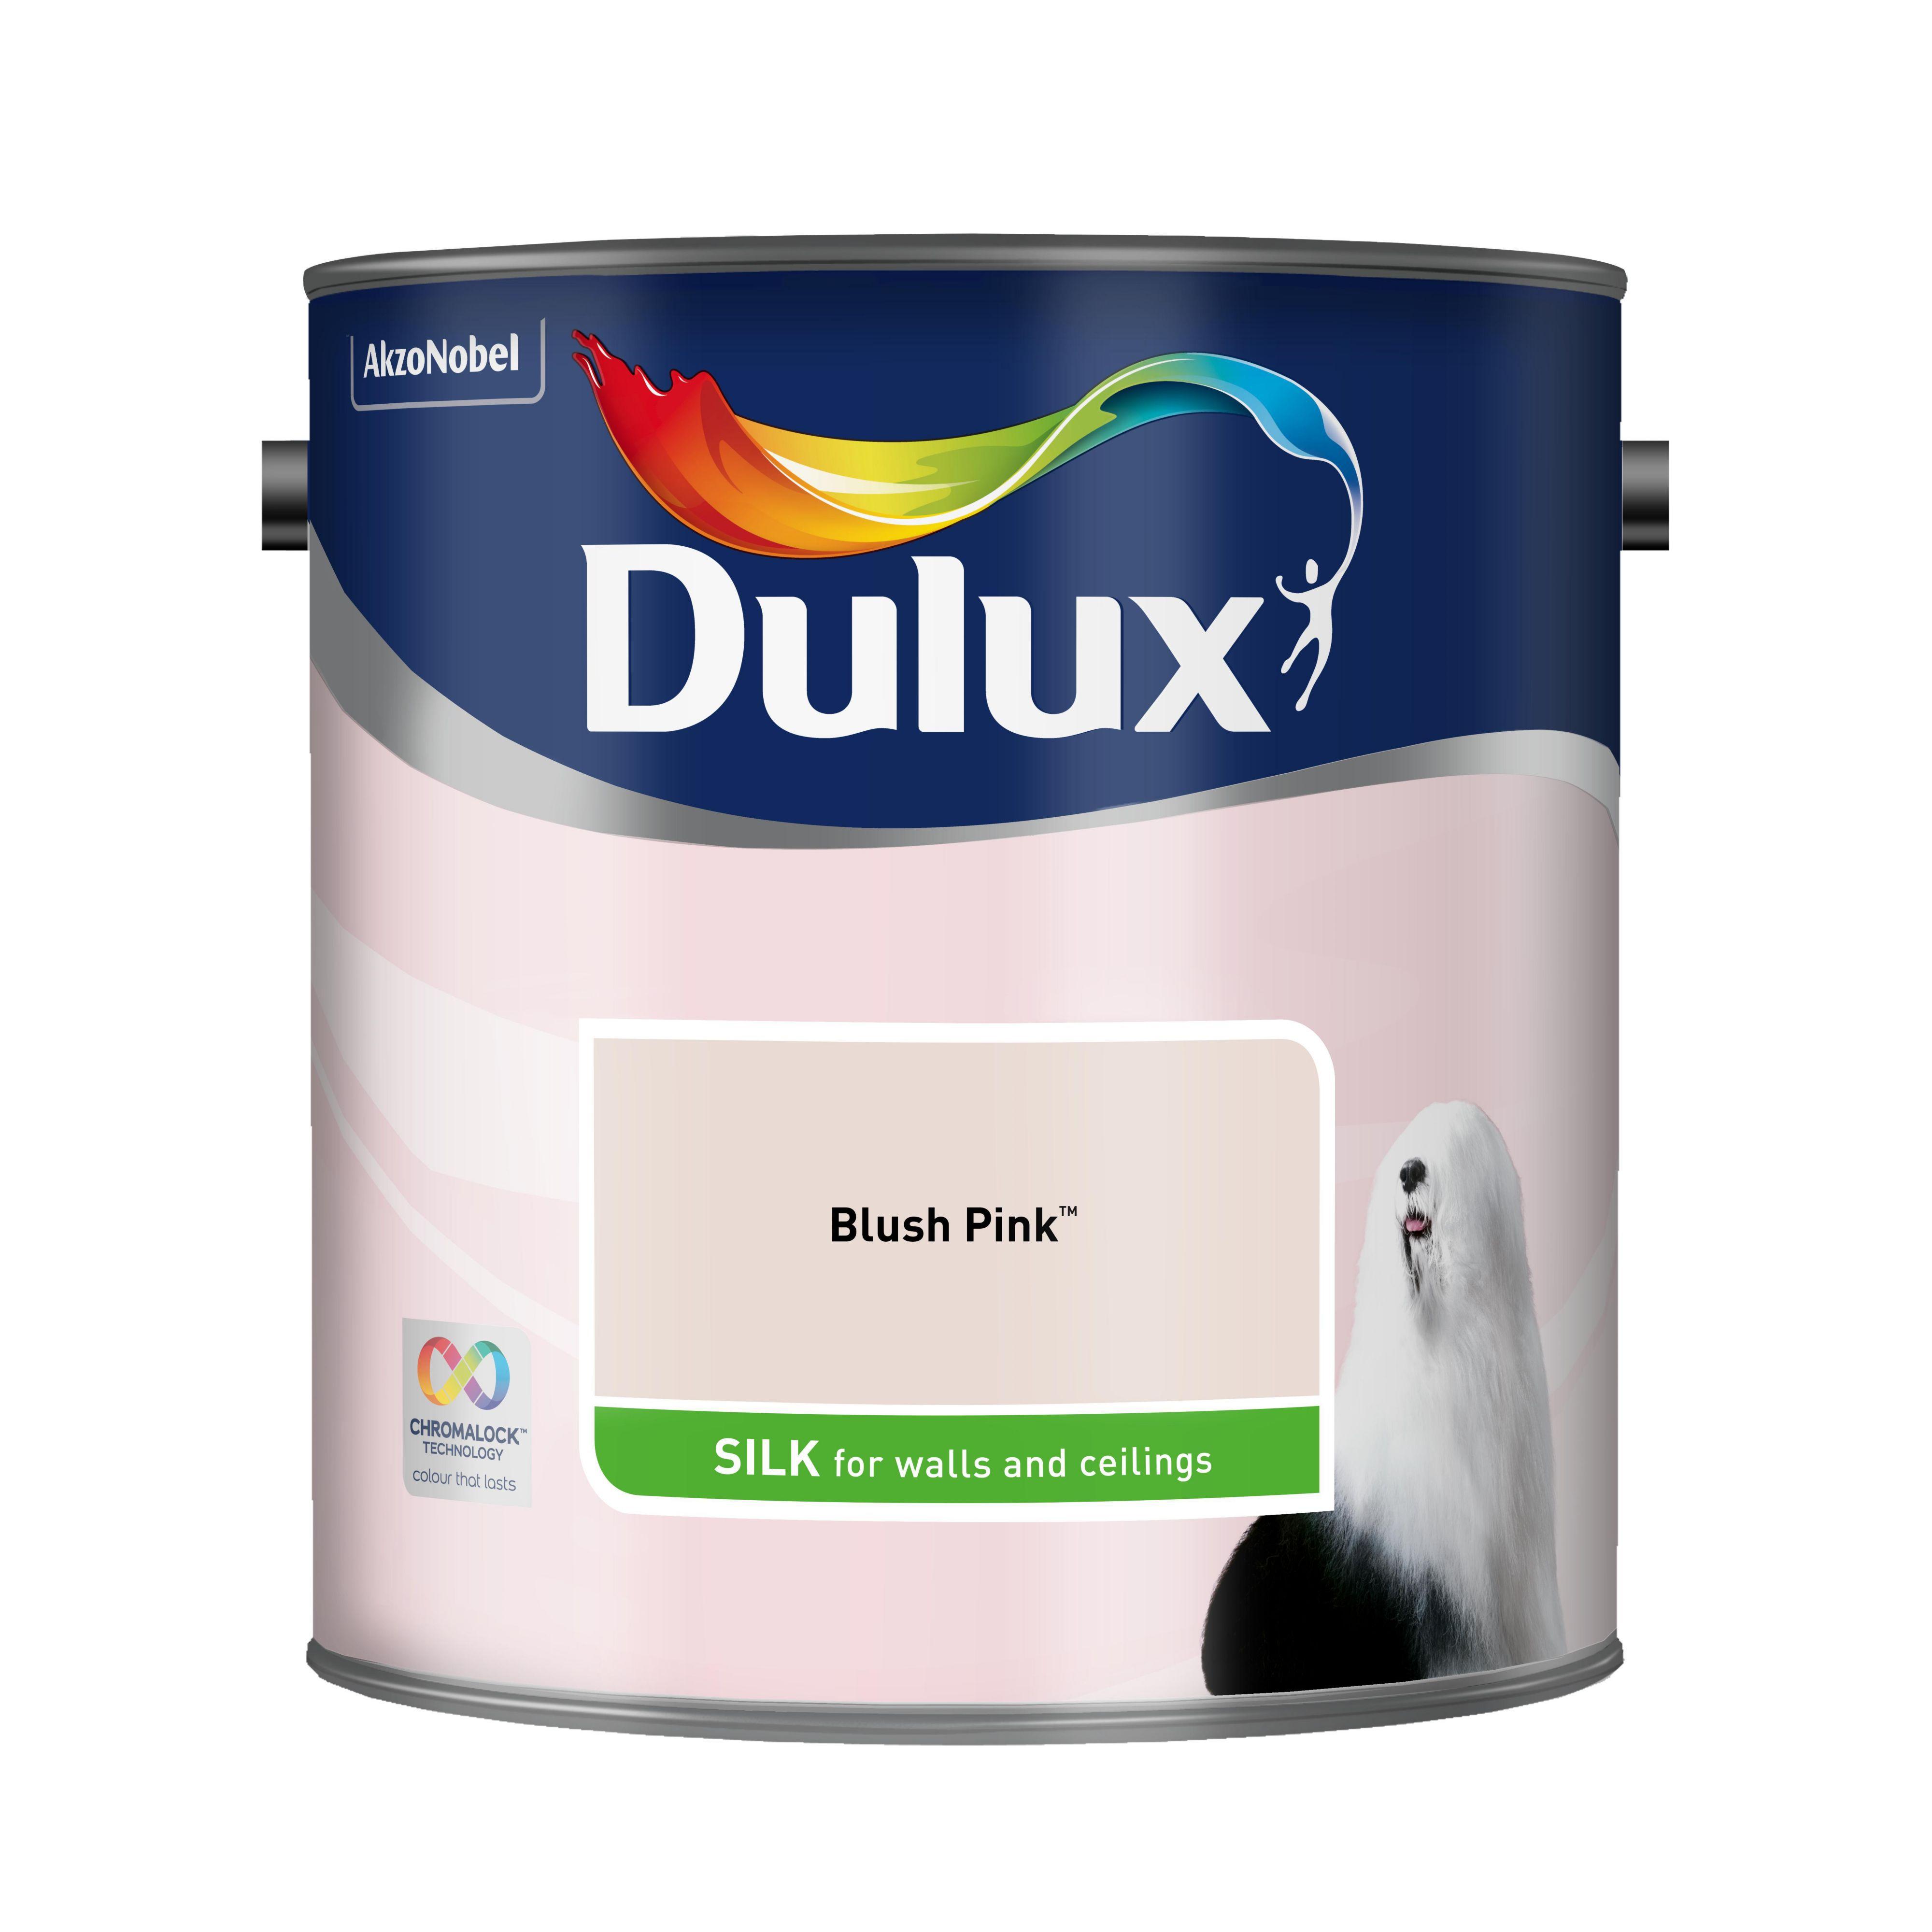 Dulux Blush Pink Silk Emulsion Paint 2.5l